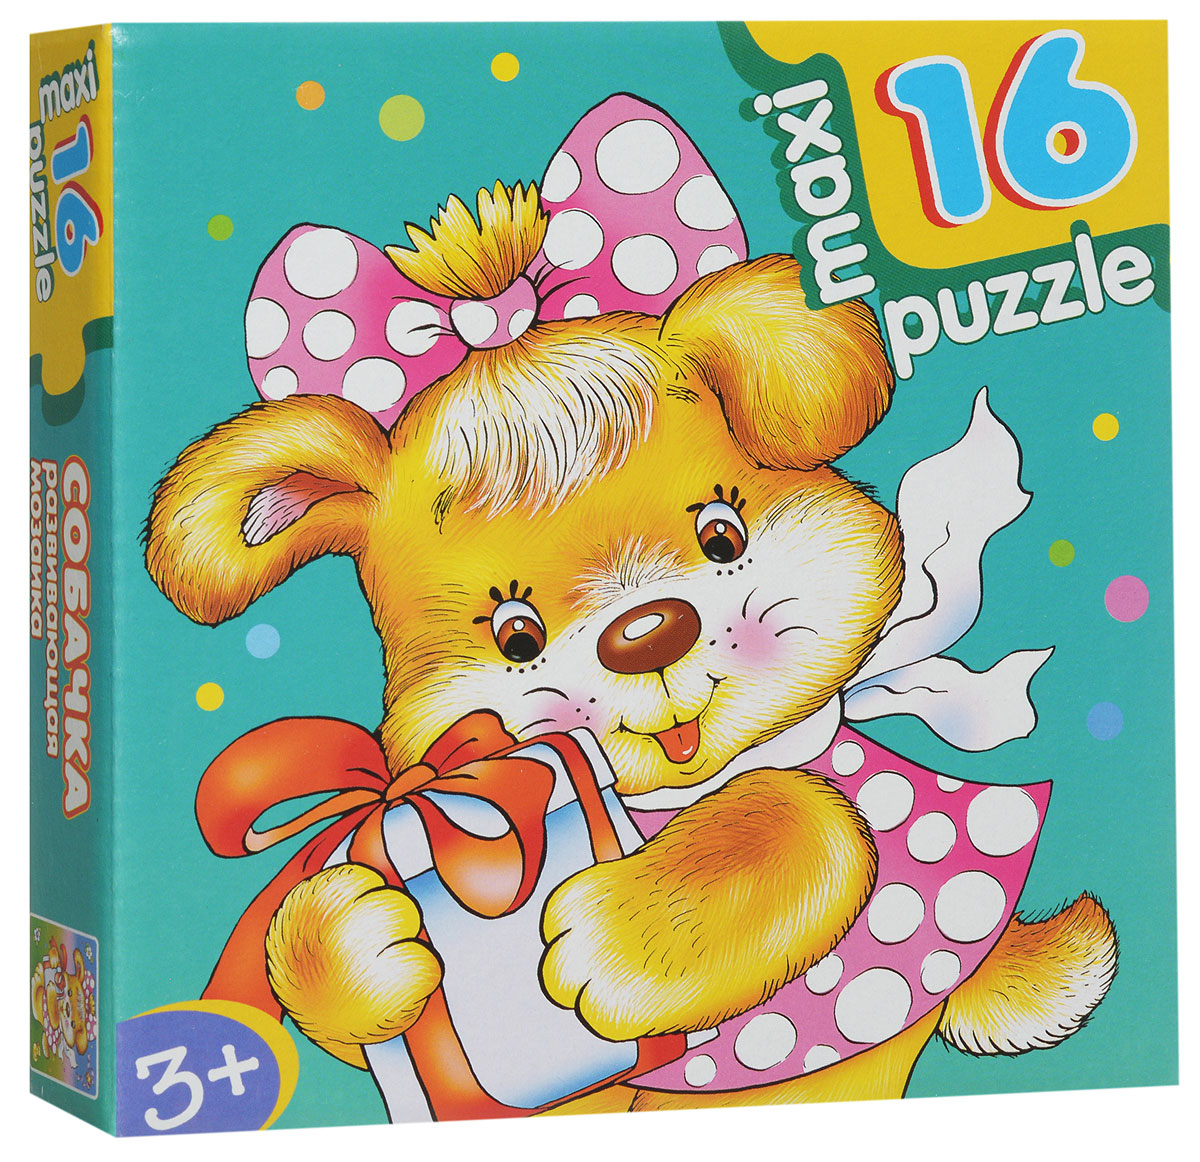 Дрофа-Медиа Пазл для малышей Собачка дрофа медиа пазл для малышей играй и собирай 4 в 1 2938